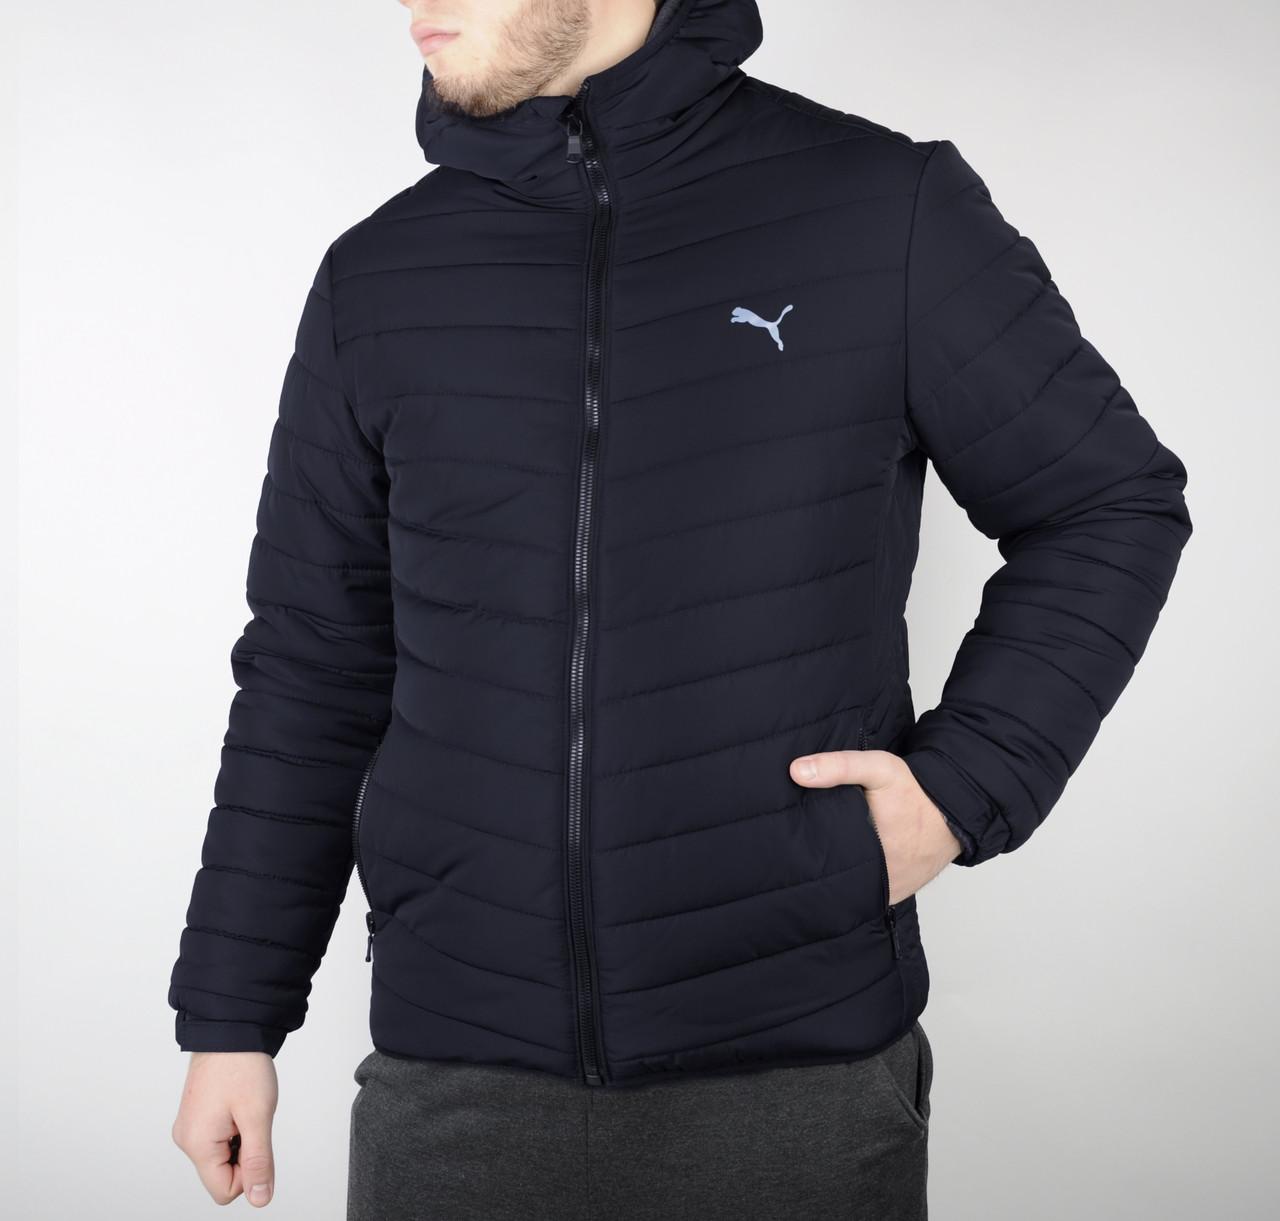 Зима 2018! Куртка Puma -25  C  продажа, цена в Харькове. куртки ... a31cd9c14e7